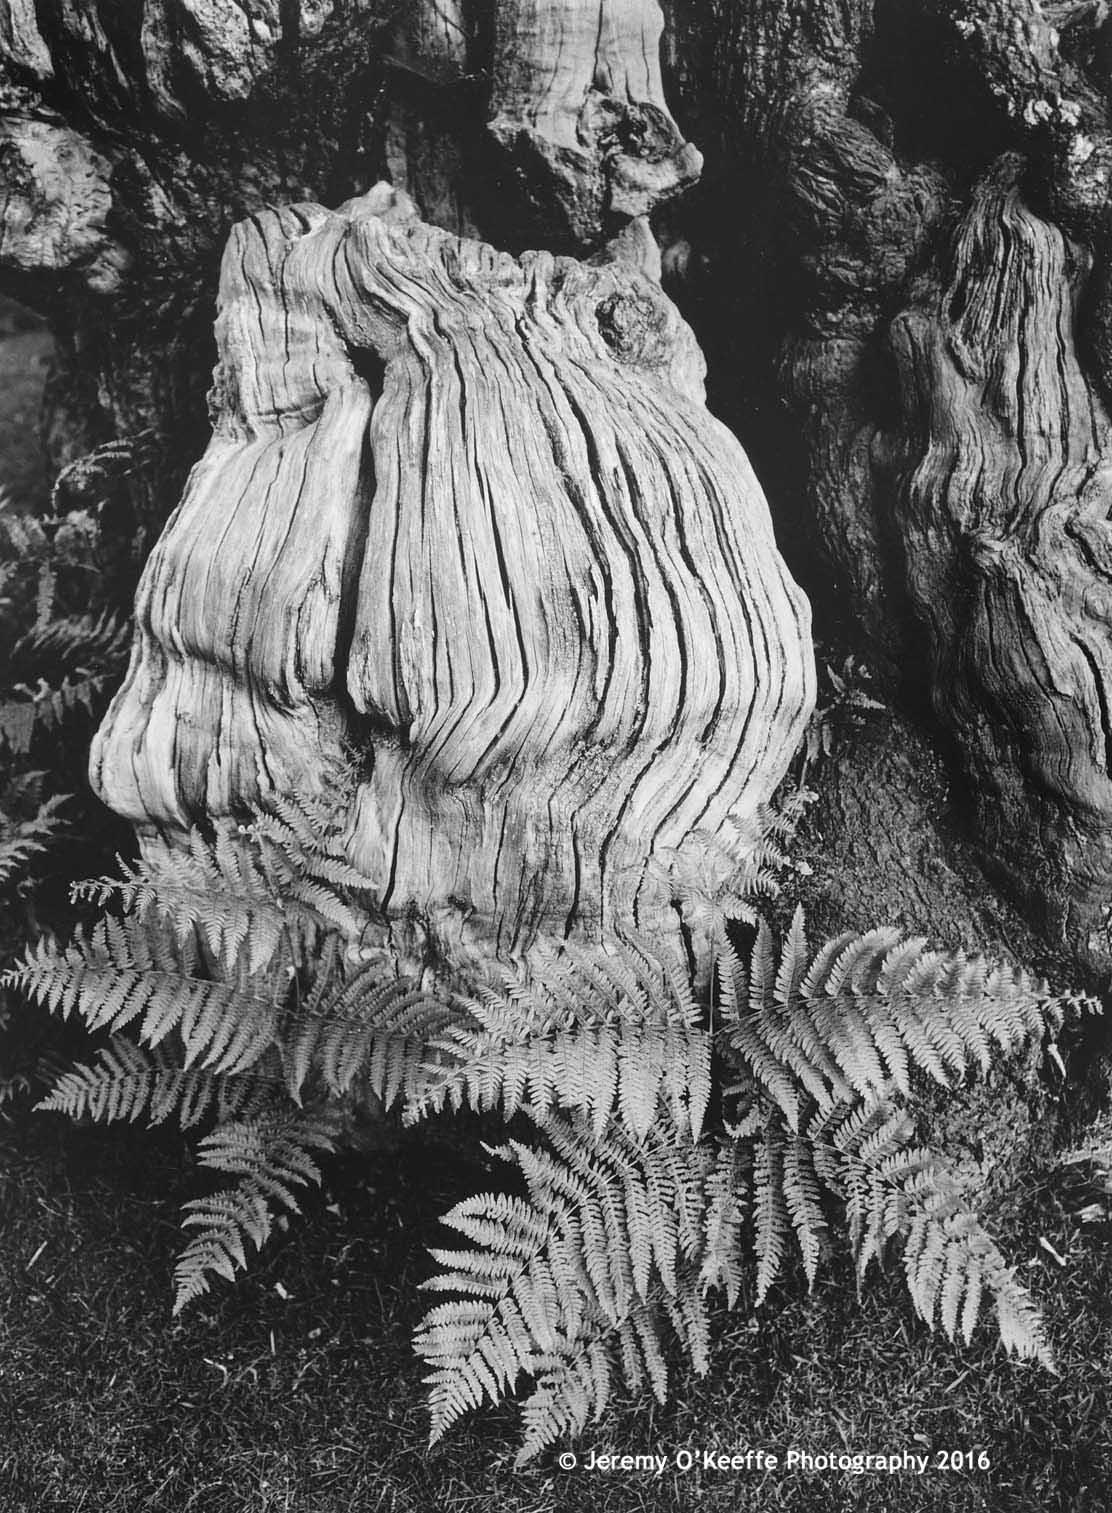 Fern & Tree